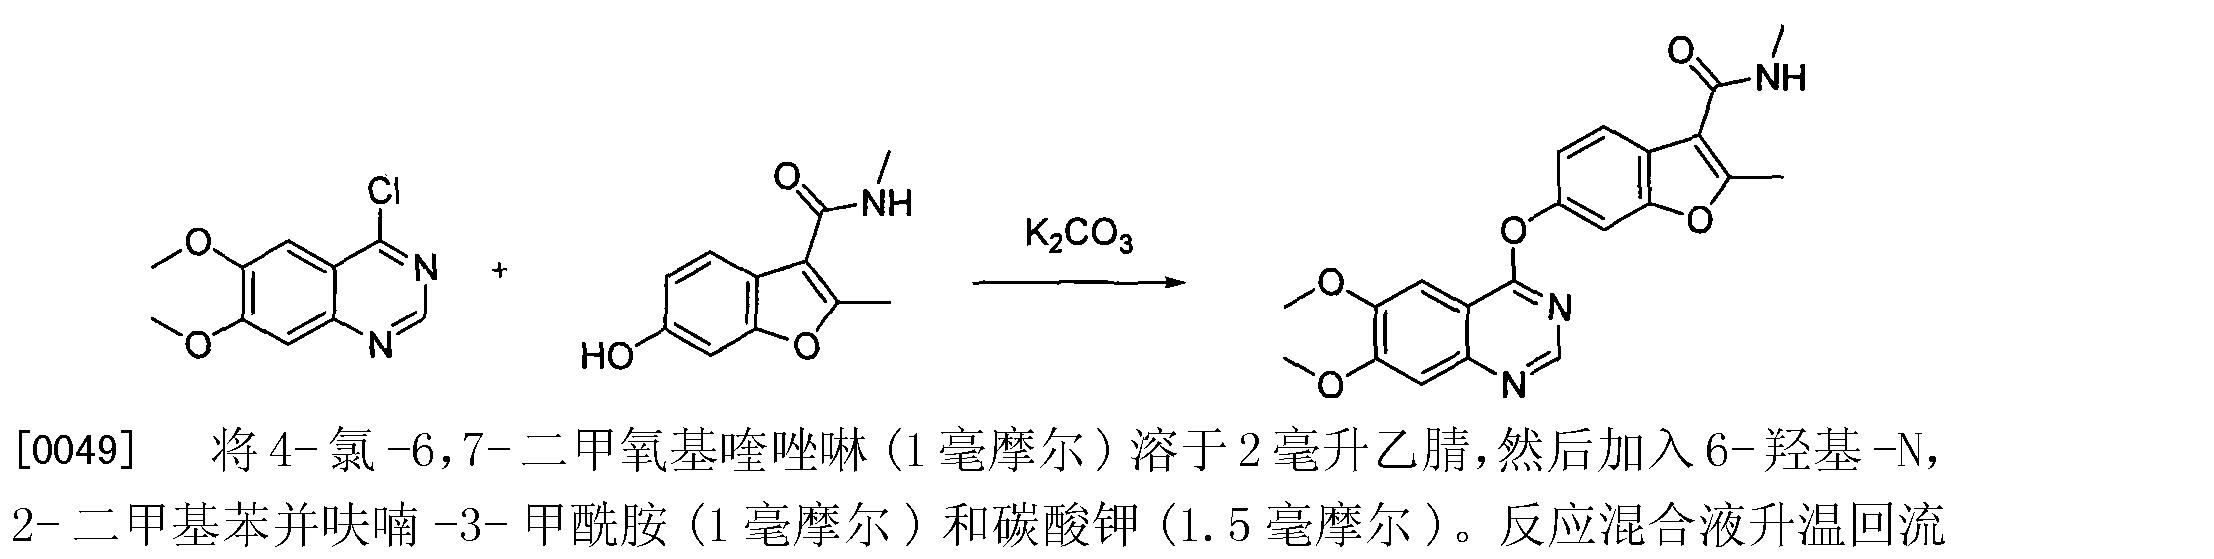 Figure CN101575333BD00111